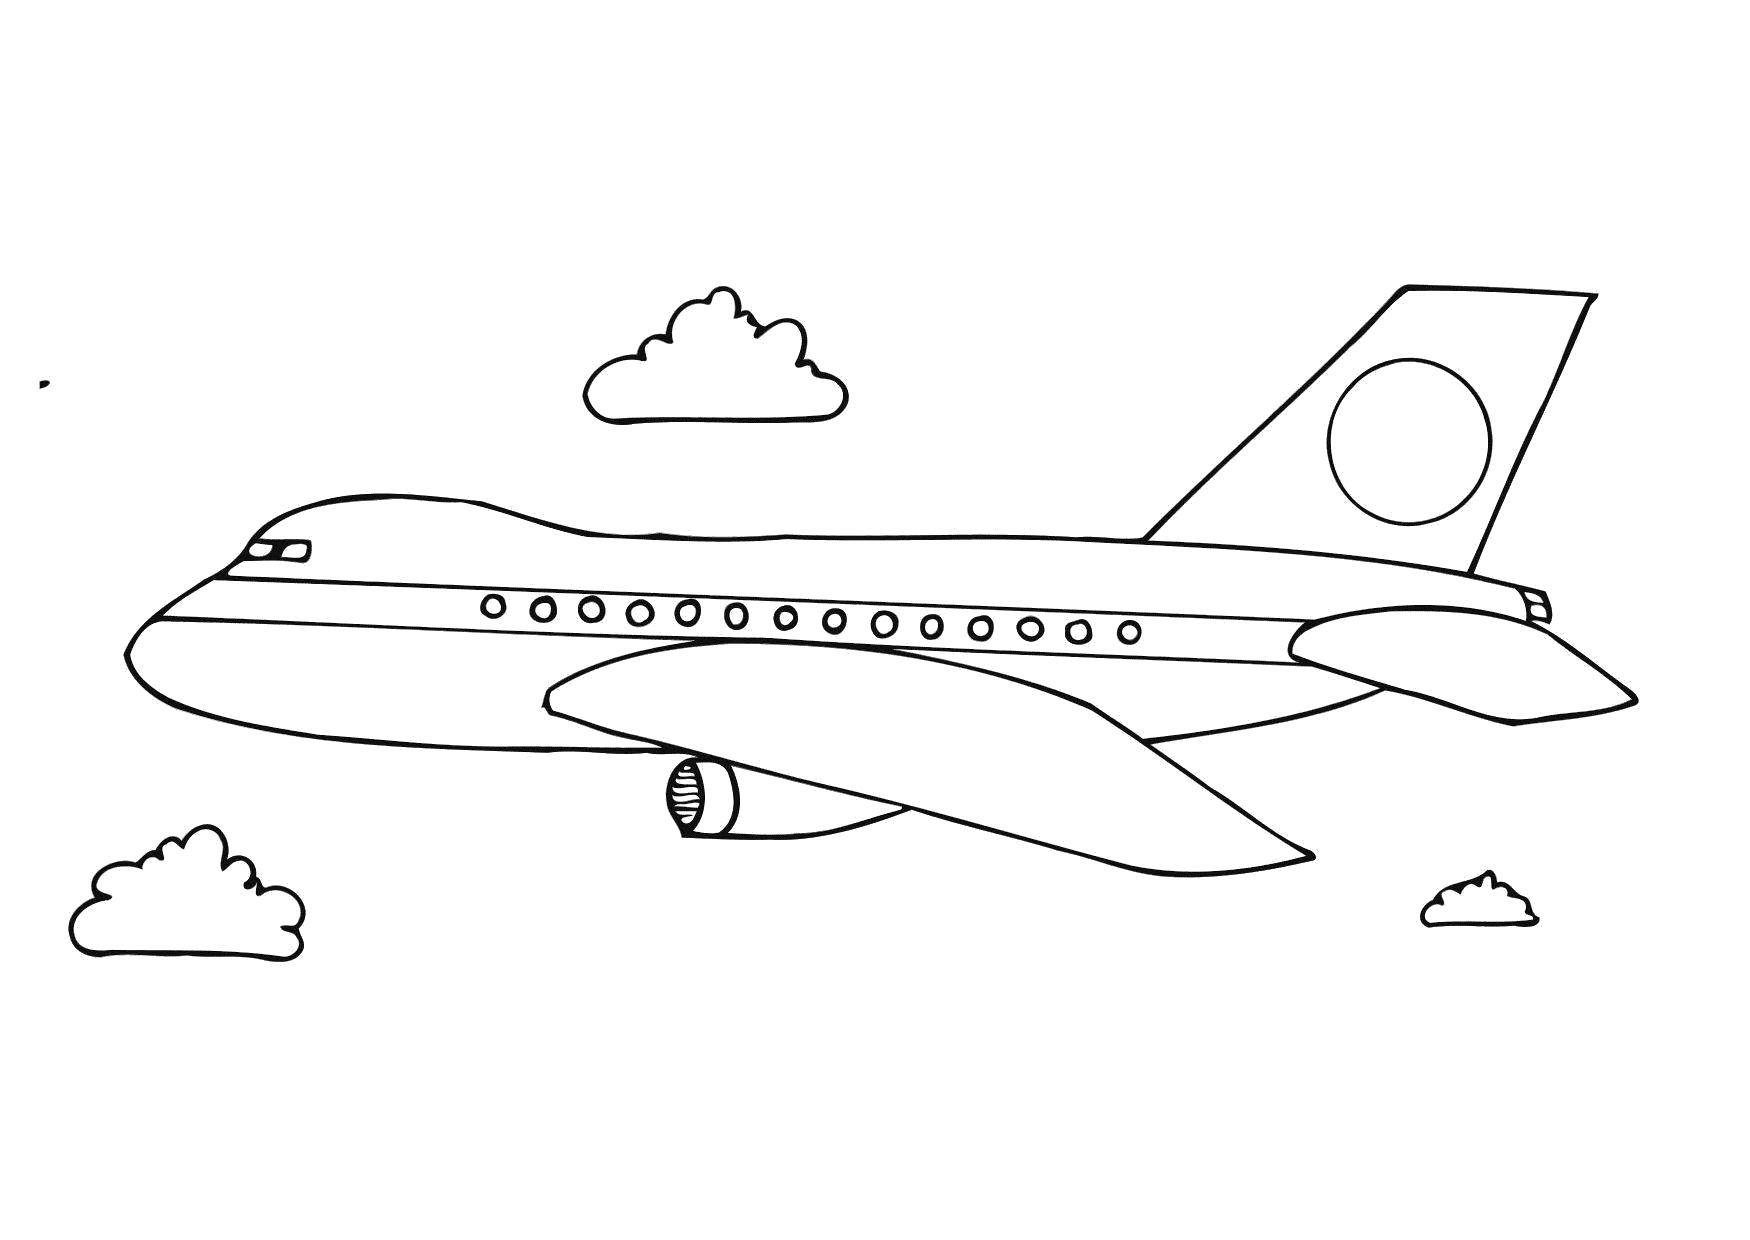 Раскраска Самолёт. Скачать Транспорт.  Распечатать Транспорт